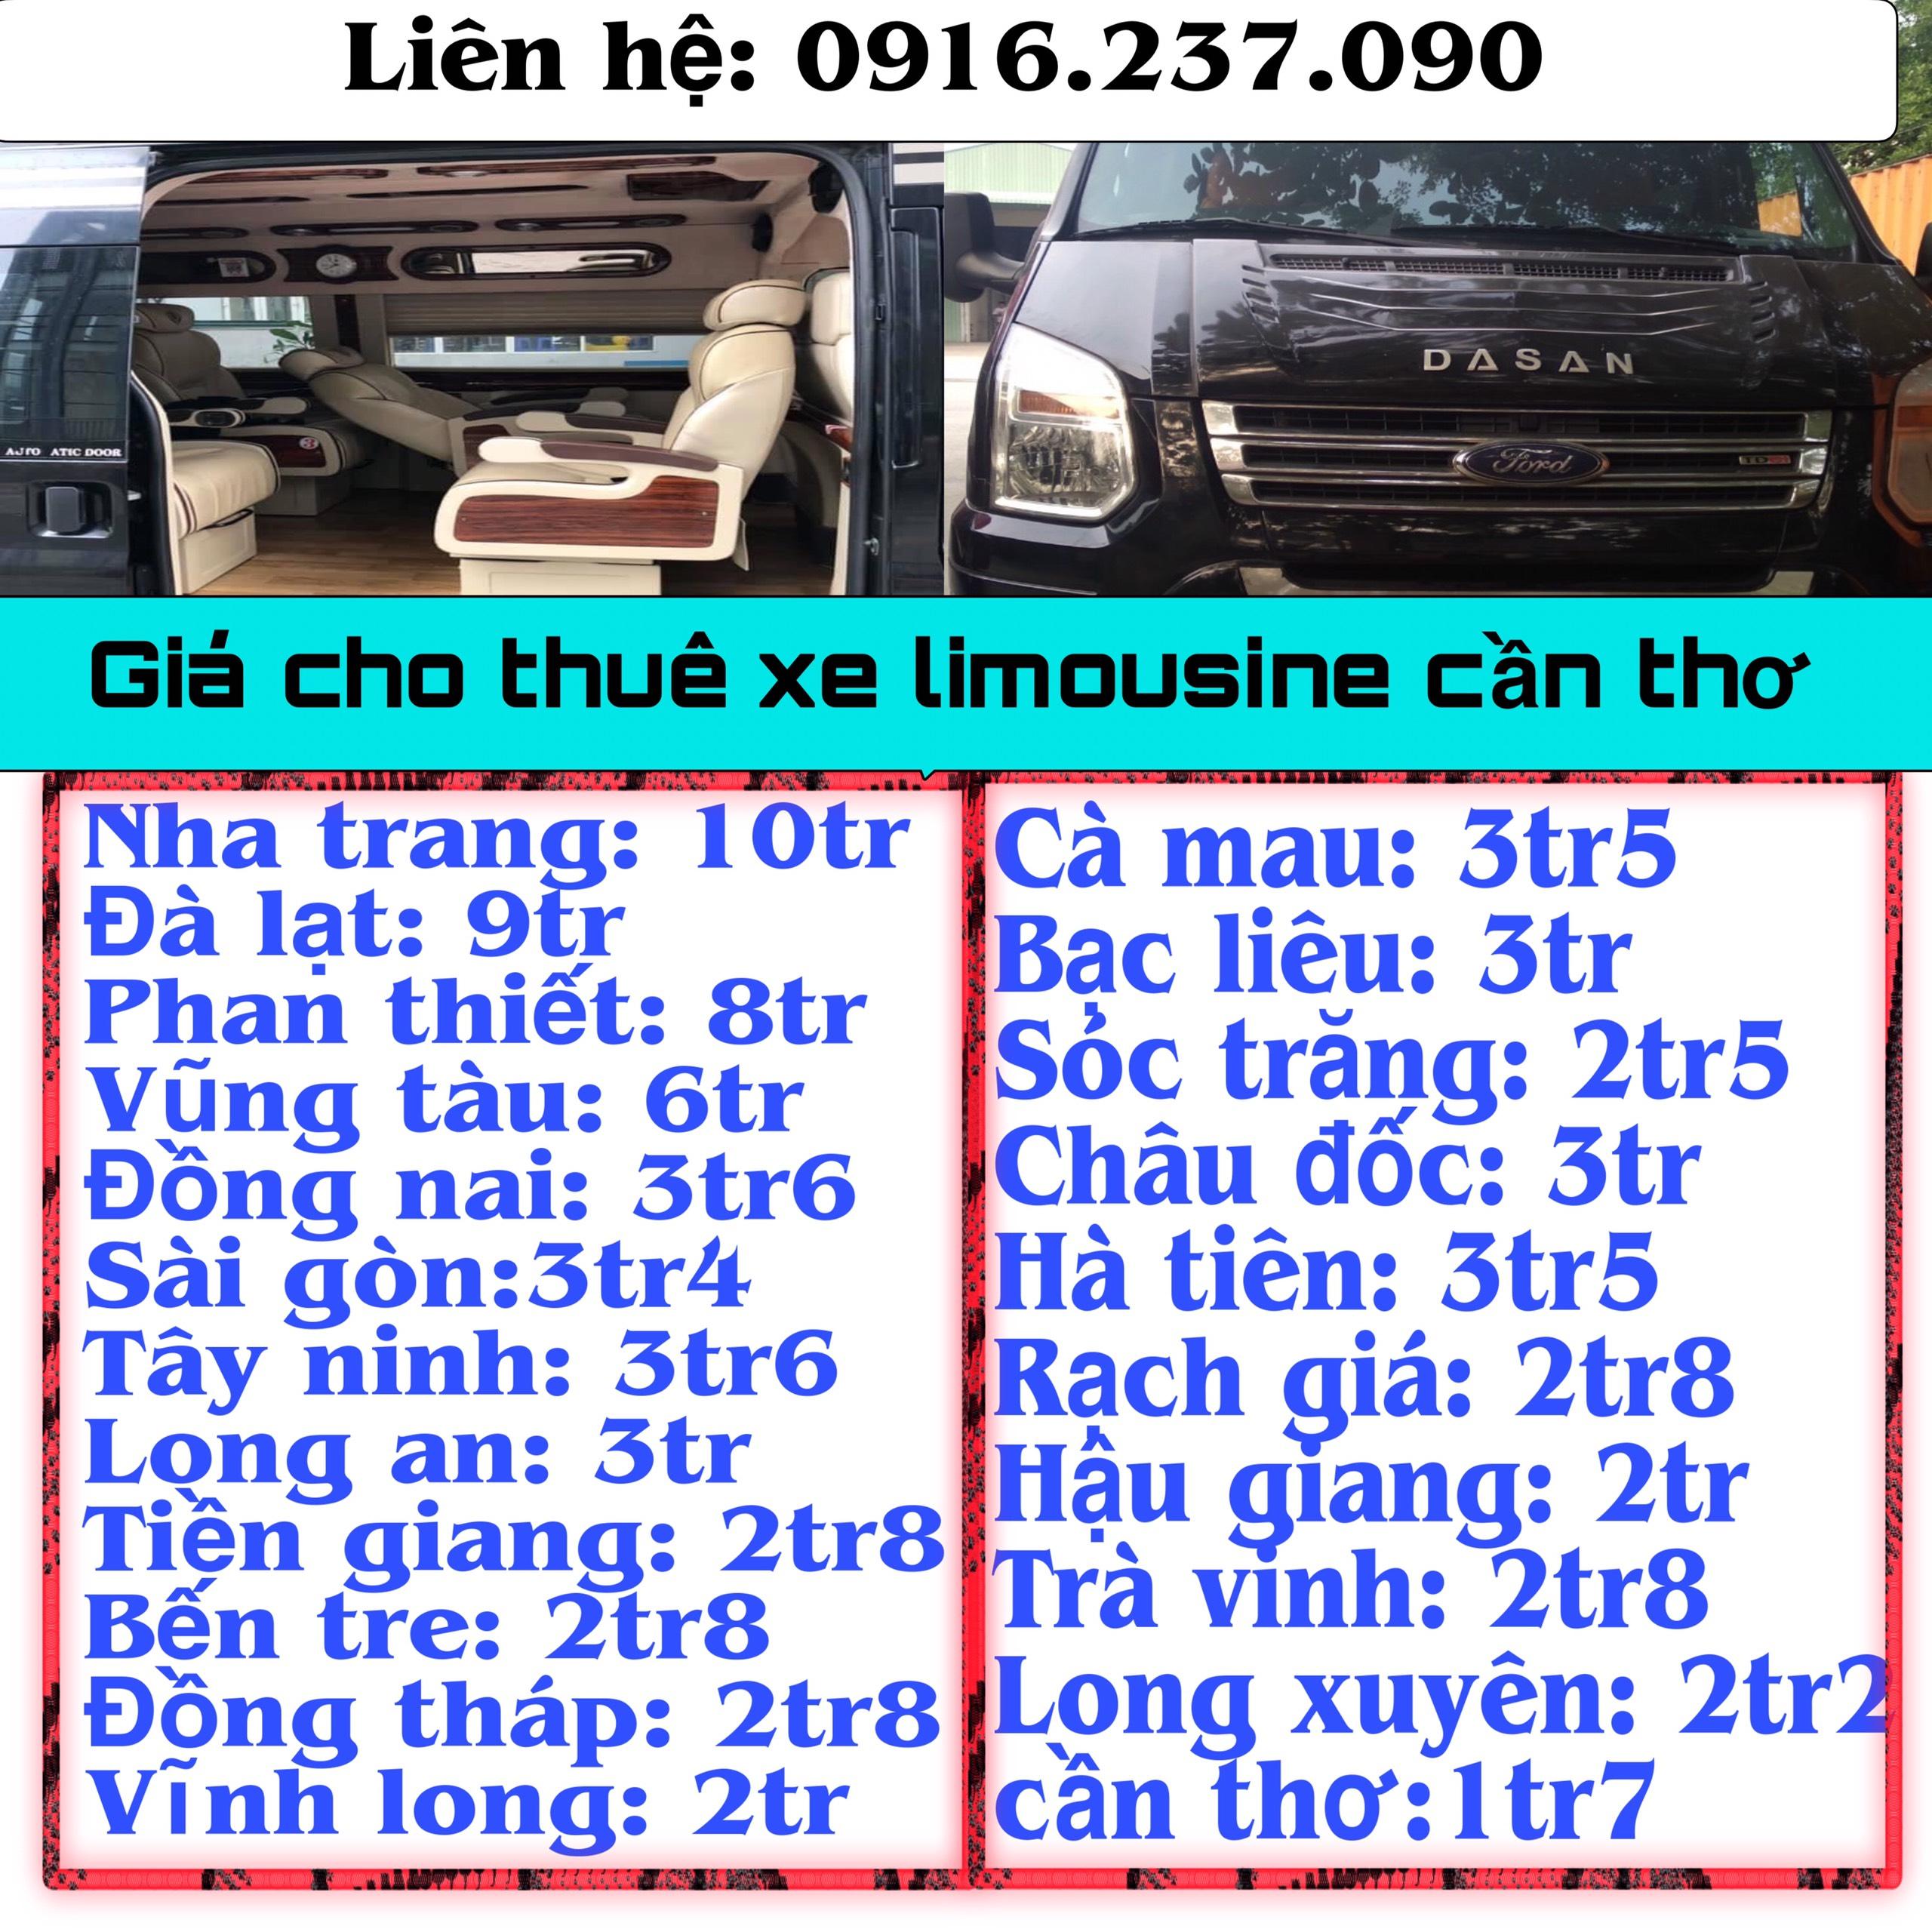 Giá thuê Xe Ô Tô Limousine 9 Chỗ Cần Thơ Có Tài Xế Trọn Gói